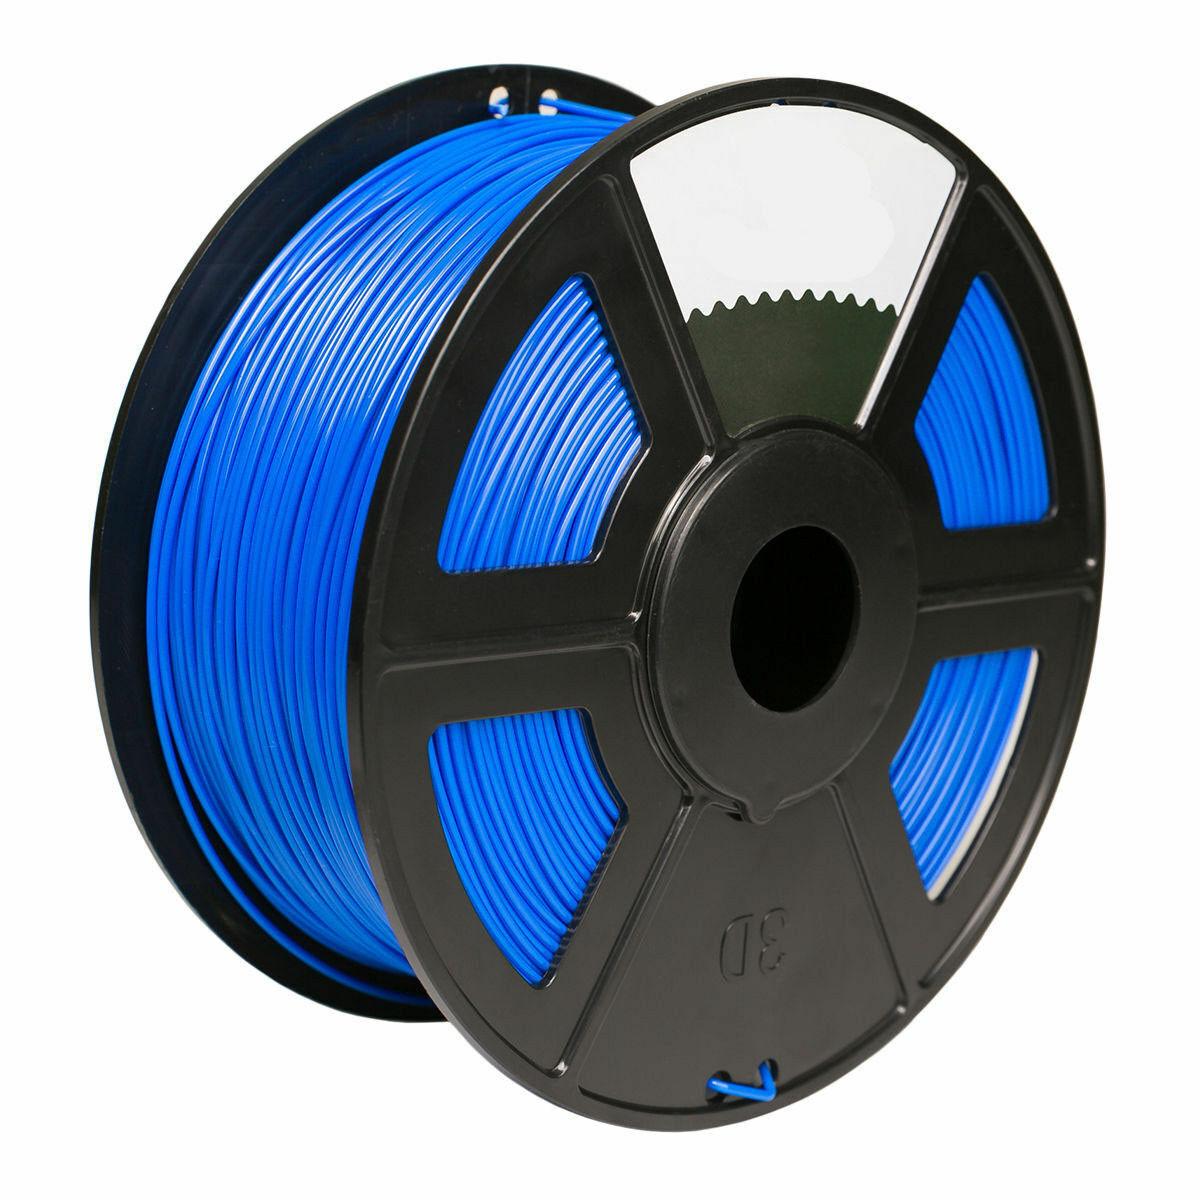 3D Printer Premium PETG Filament 1.75mm 1kg/2.2lb - Blue